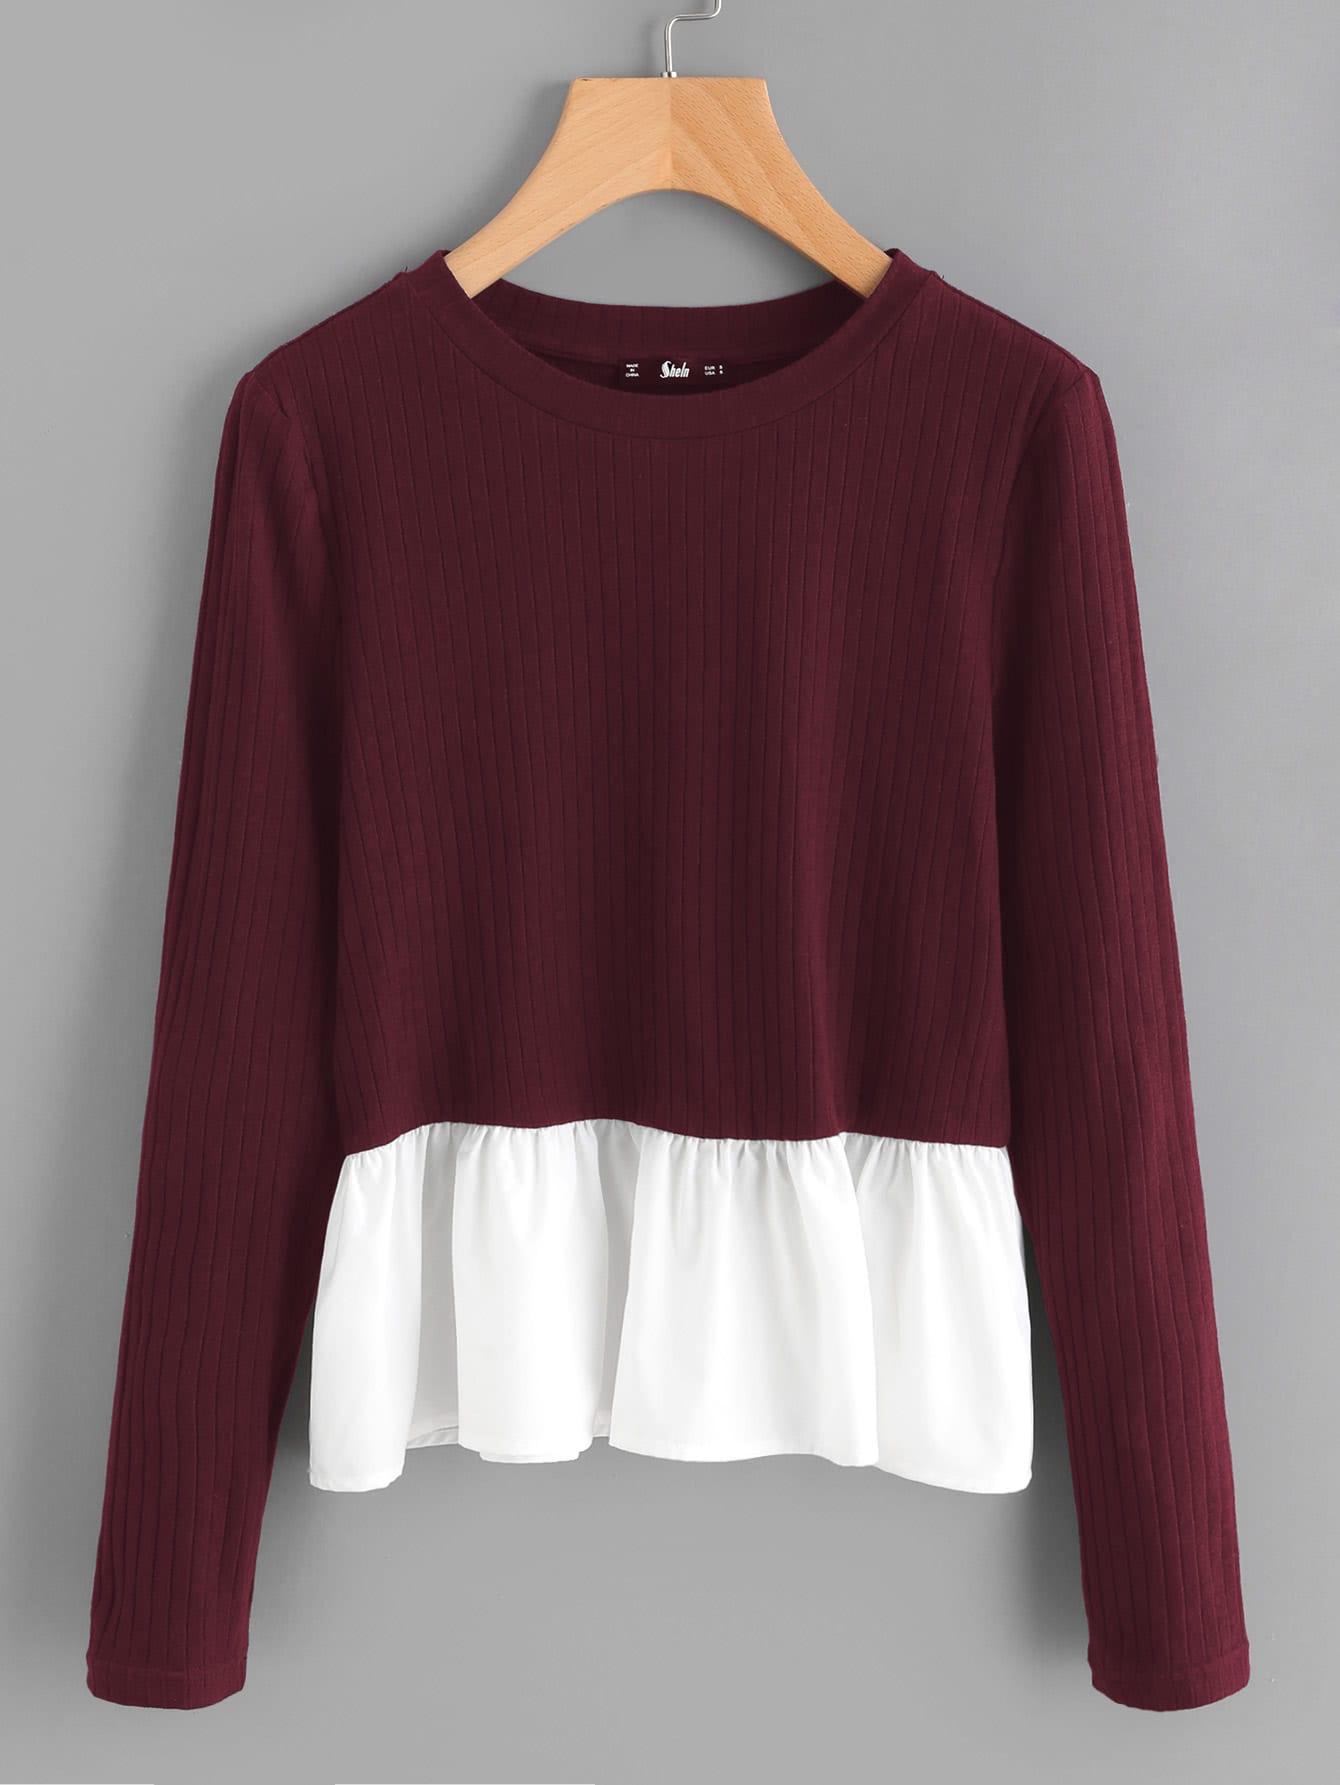 Contrast Frill Trim Rib Knit T-shirt rib knit tights